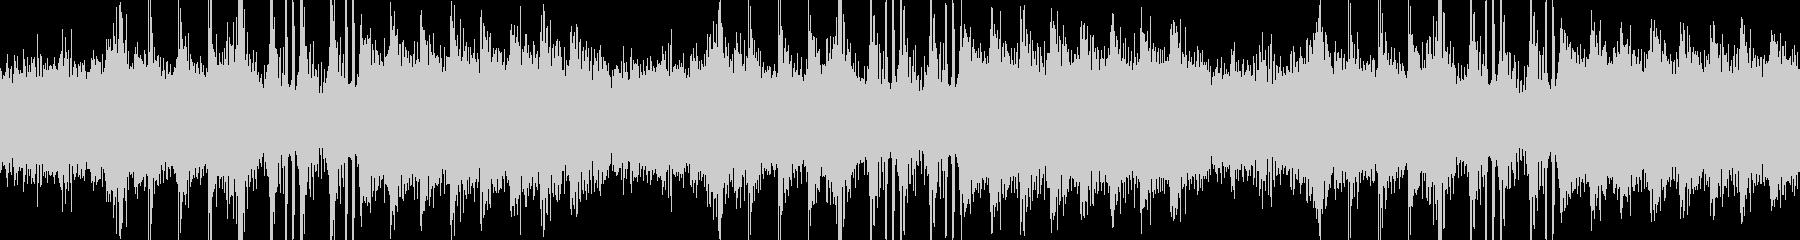 アンビエントなエレクトロニカの未再生の波形